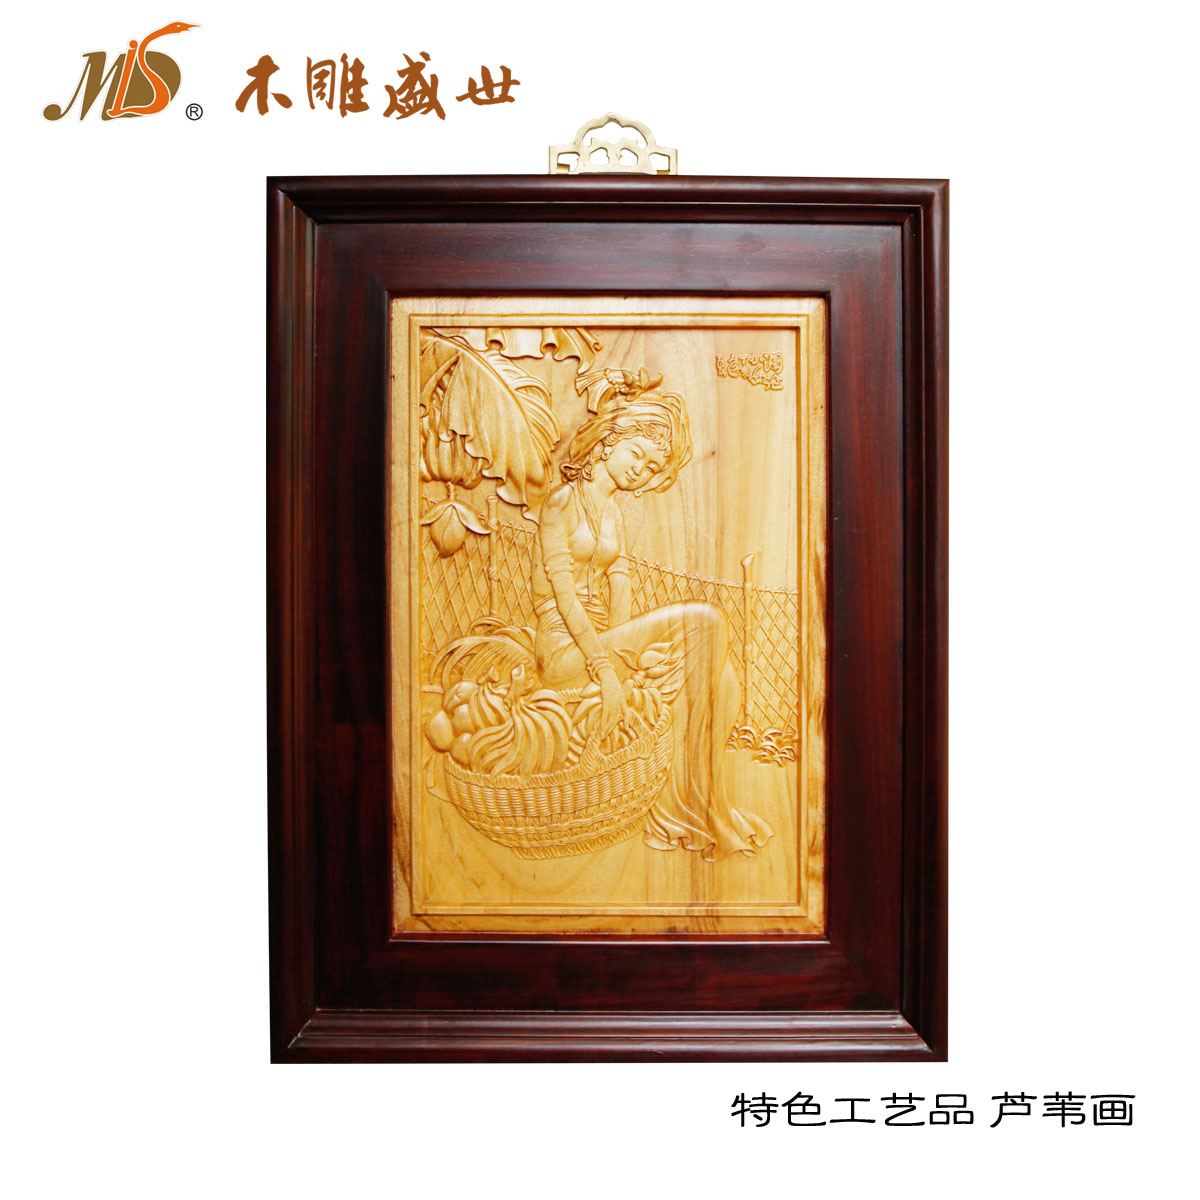 China Wall Carvings, China Wall Carvings Shopping Guide at Alibaba.com